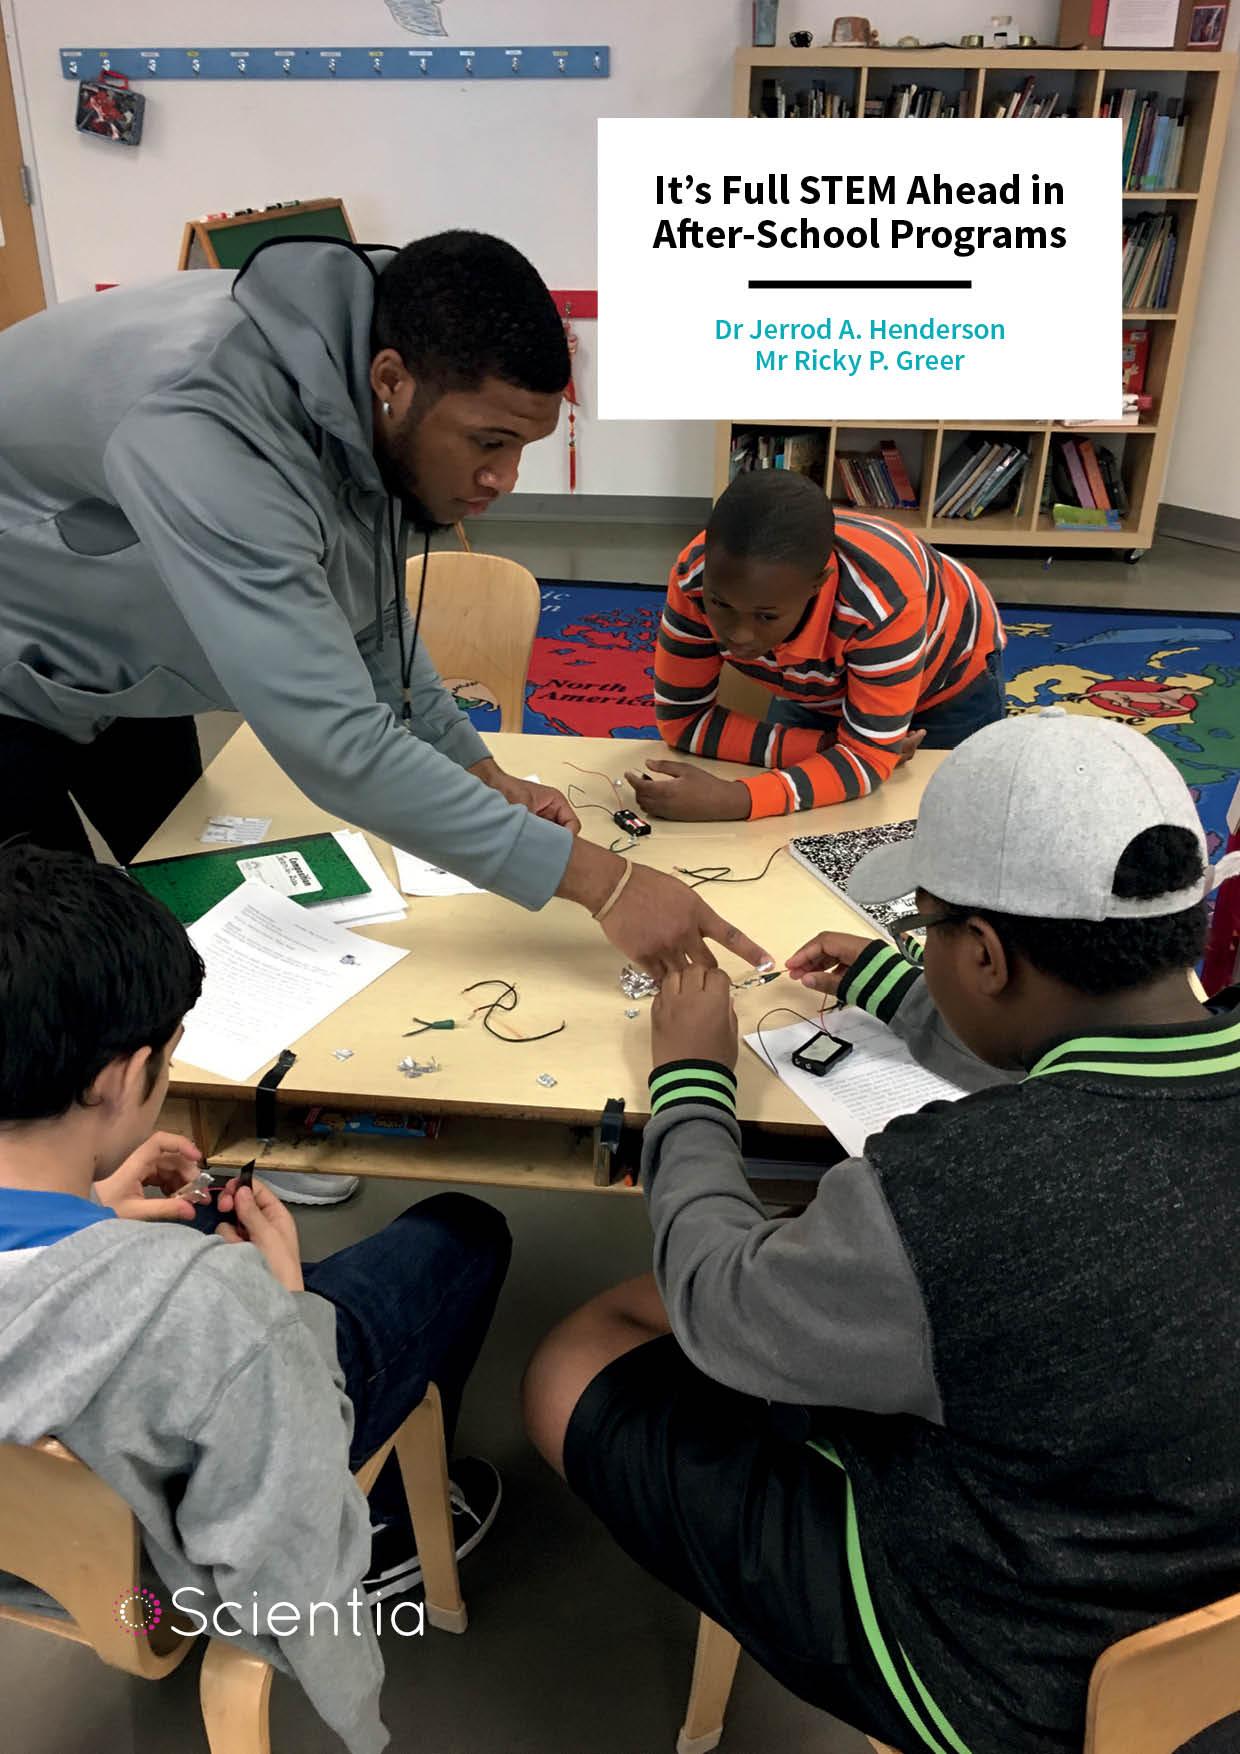 Dr Jerrod Henderson   Ricky Greer – It's Full STEM Ahead in After-School Programs